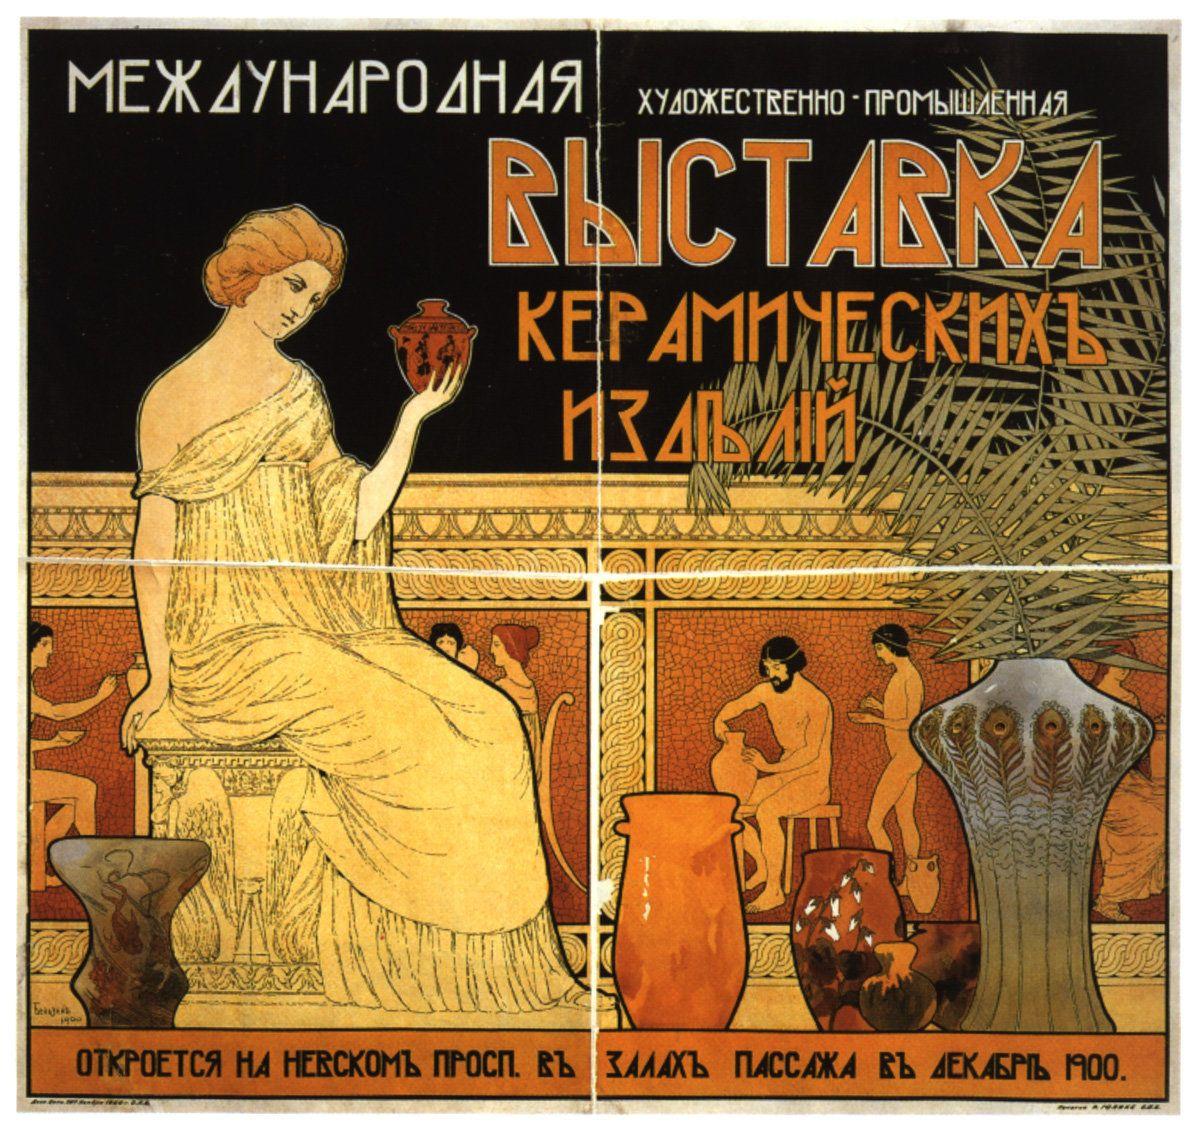 русская тематика в постерах кружевами